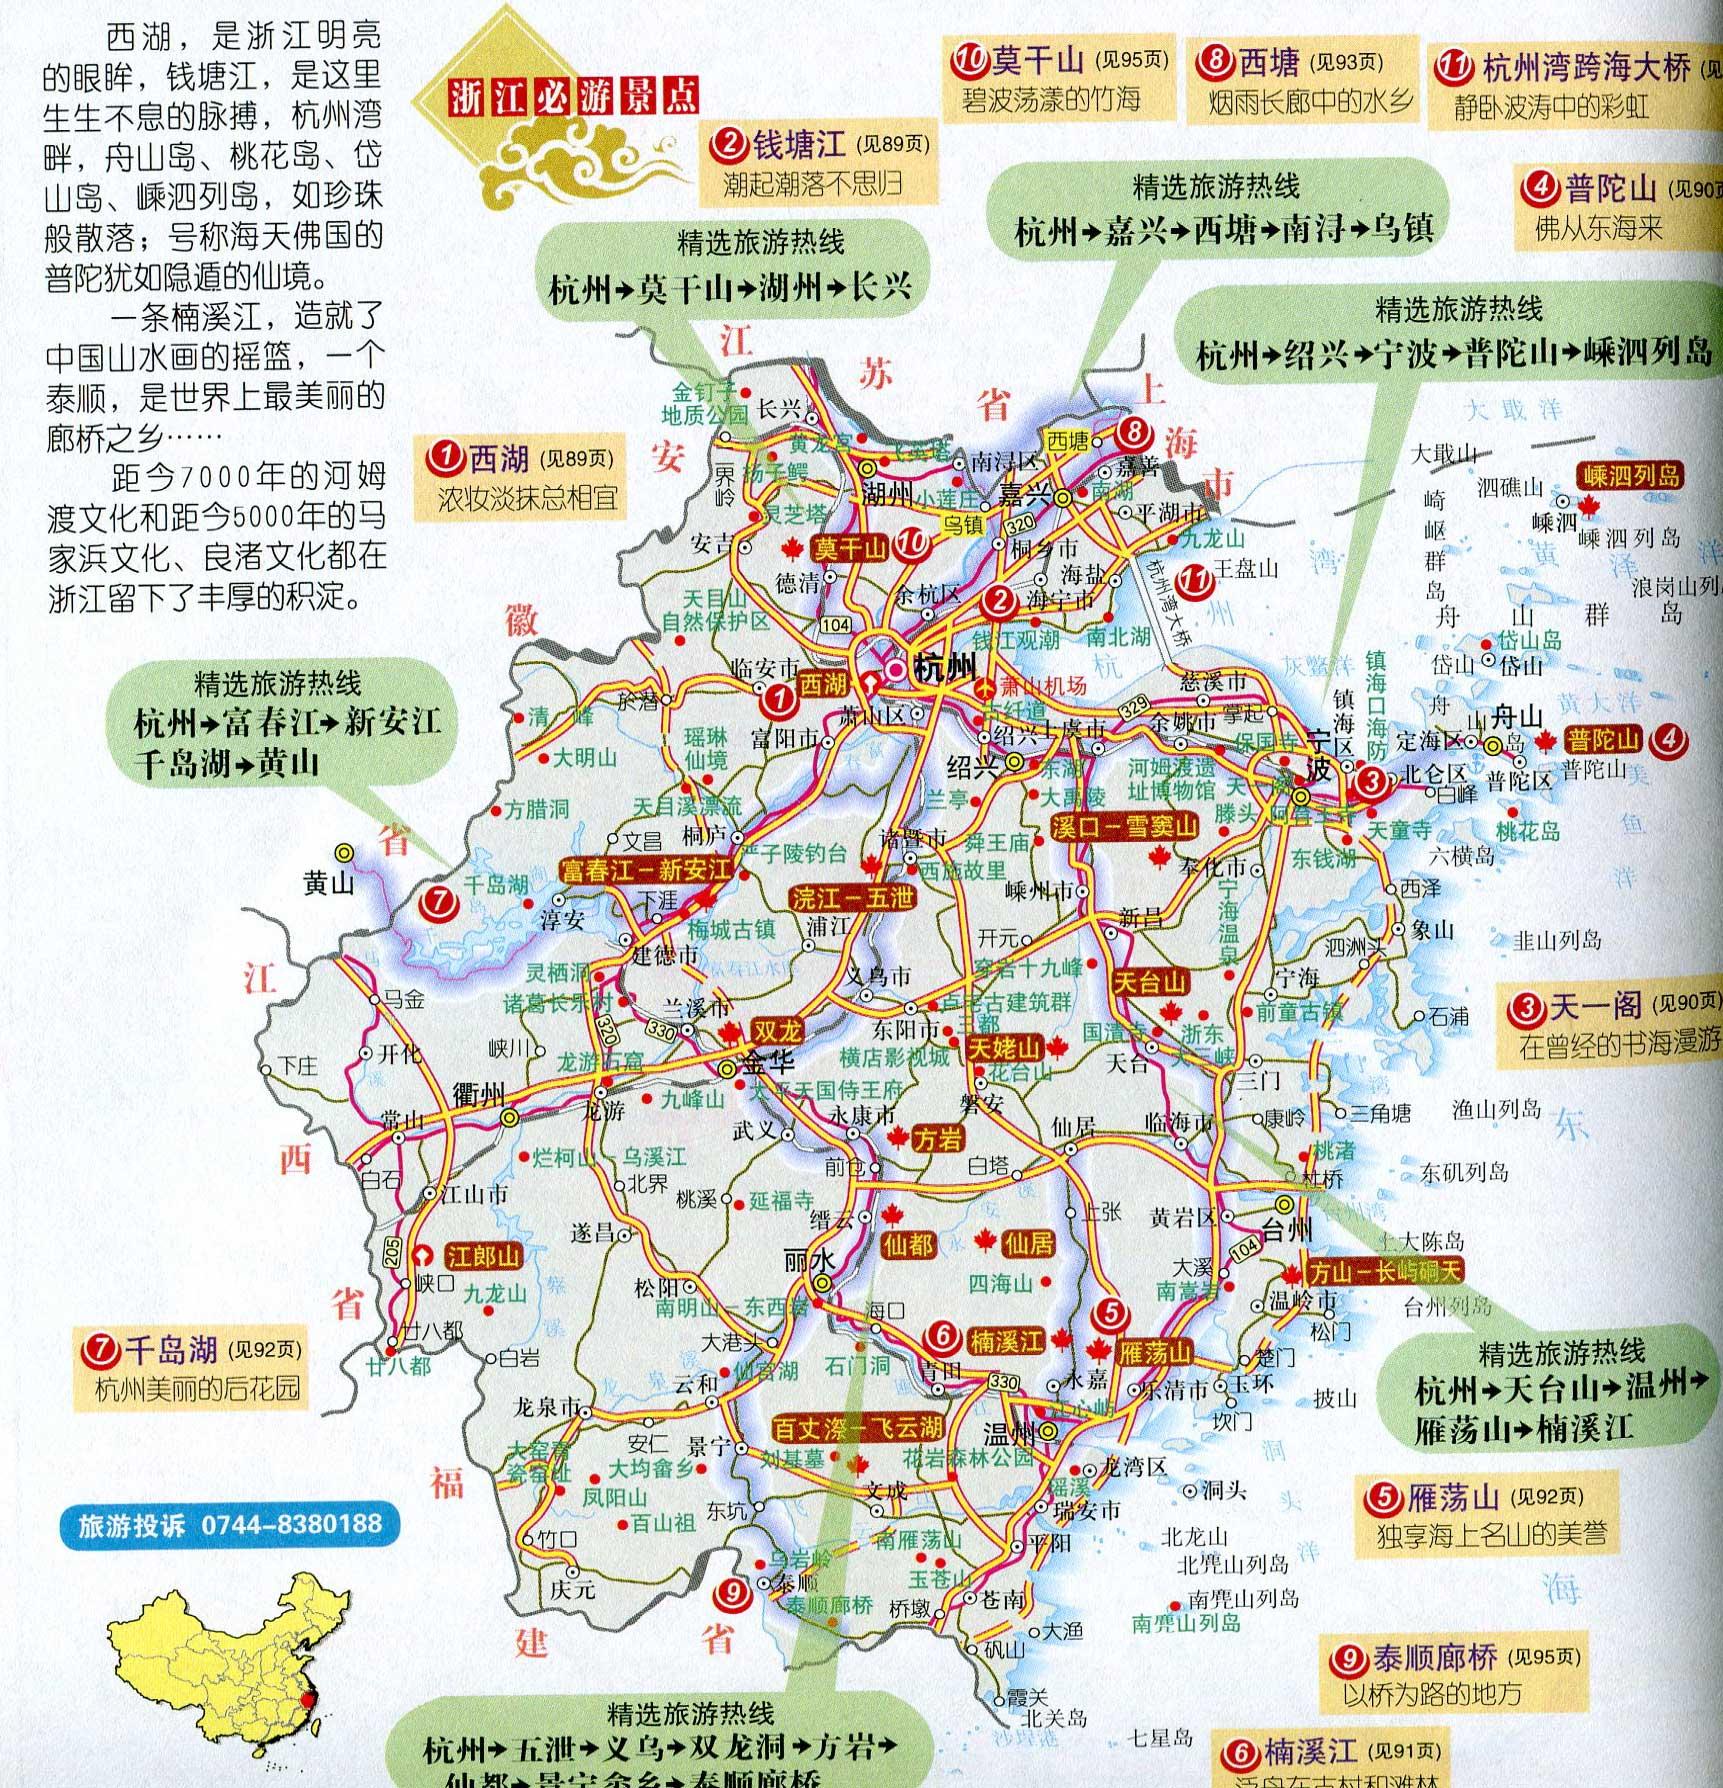 浙江省旅游地图(必游景点)